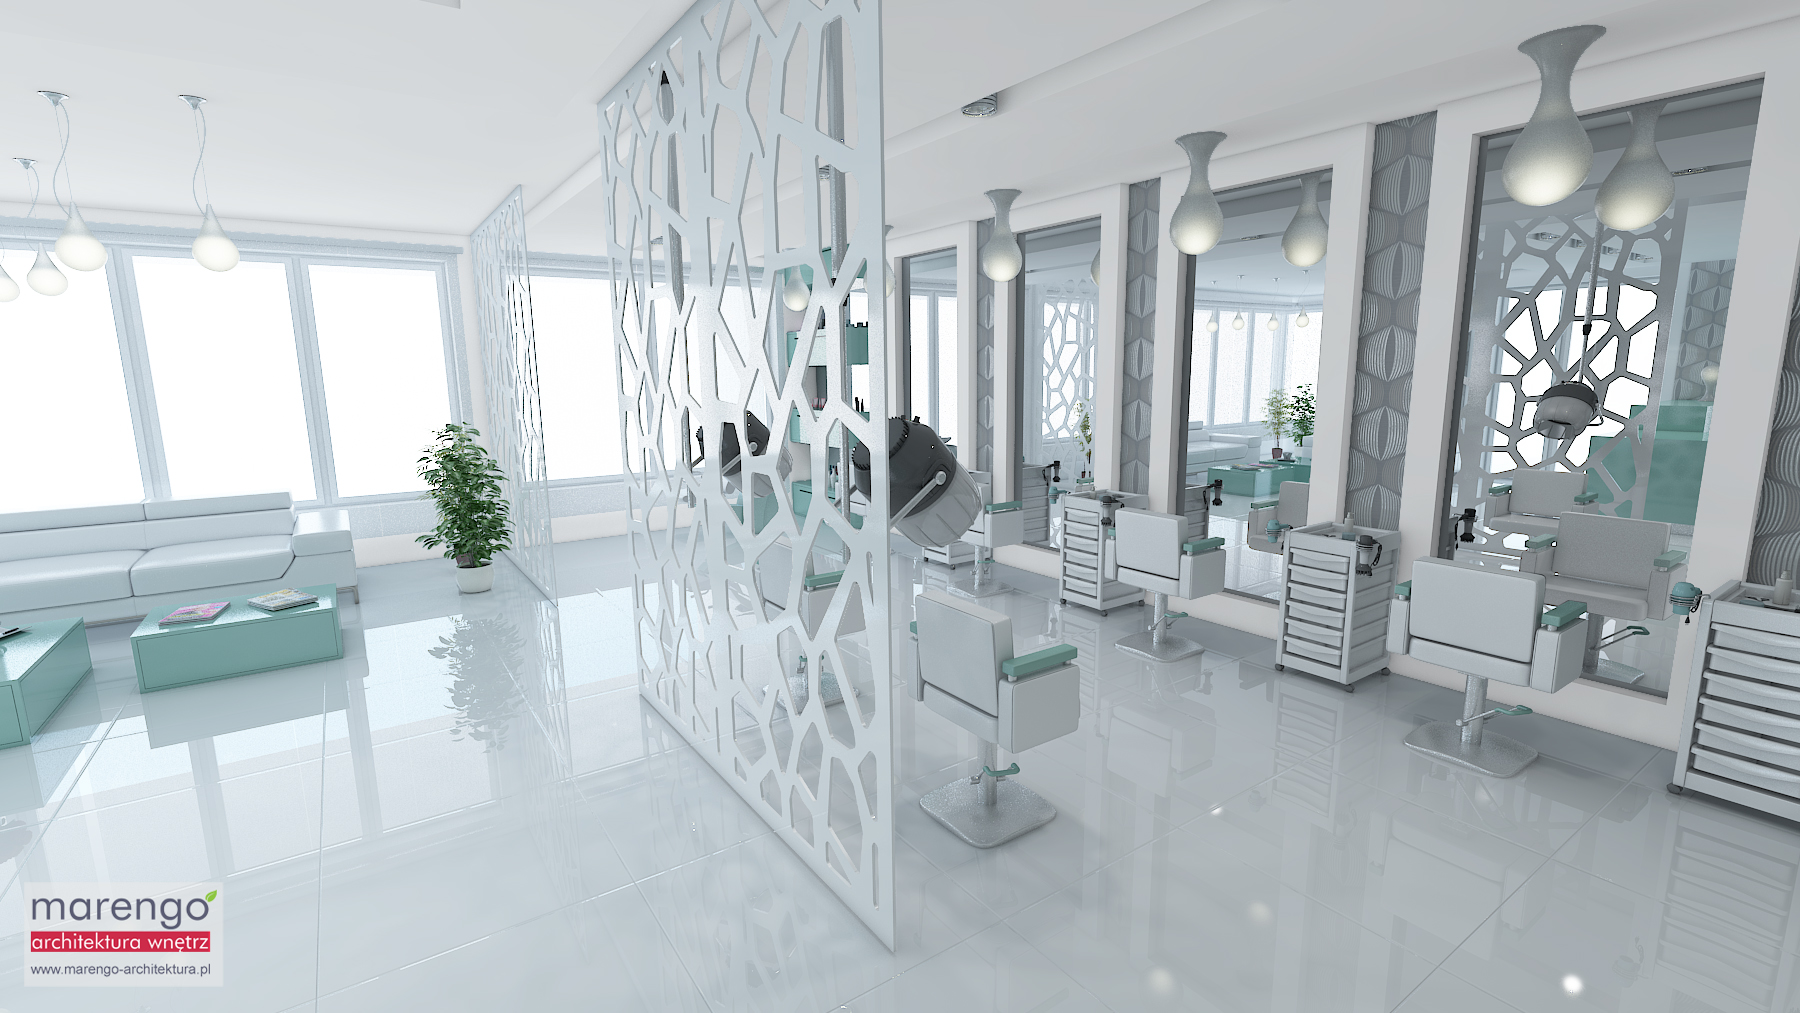 Projekt salonu fryzjerskiego w Krakowie Style 4 You- Marengo